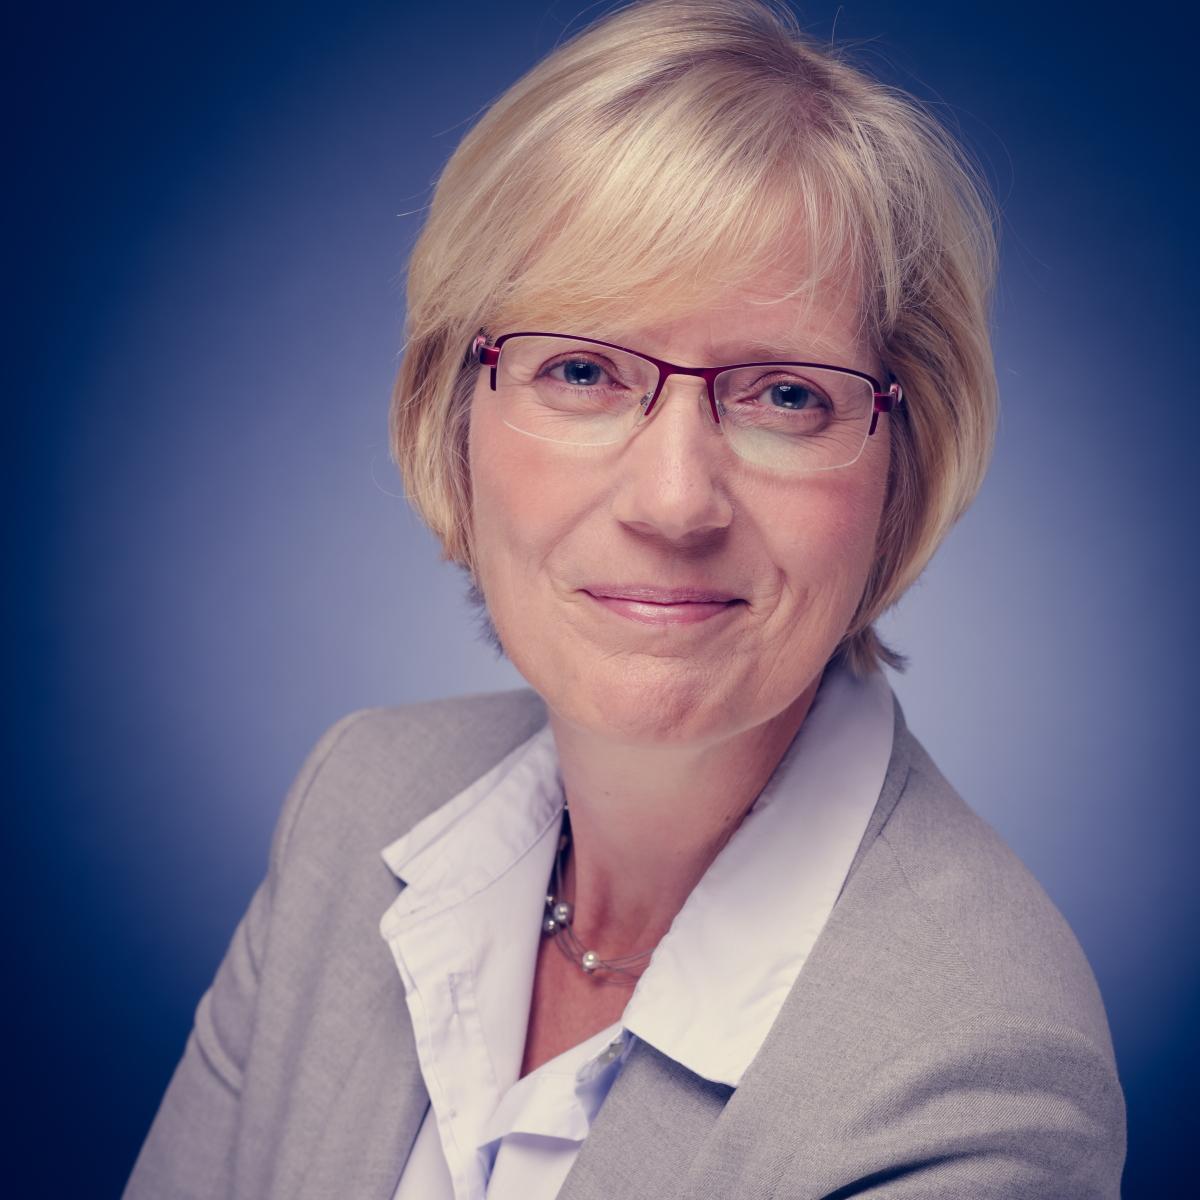 Barbara Roßmann